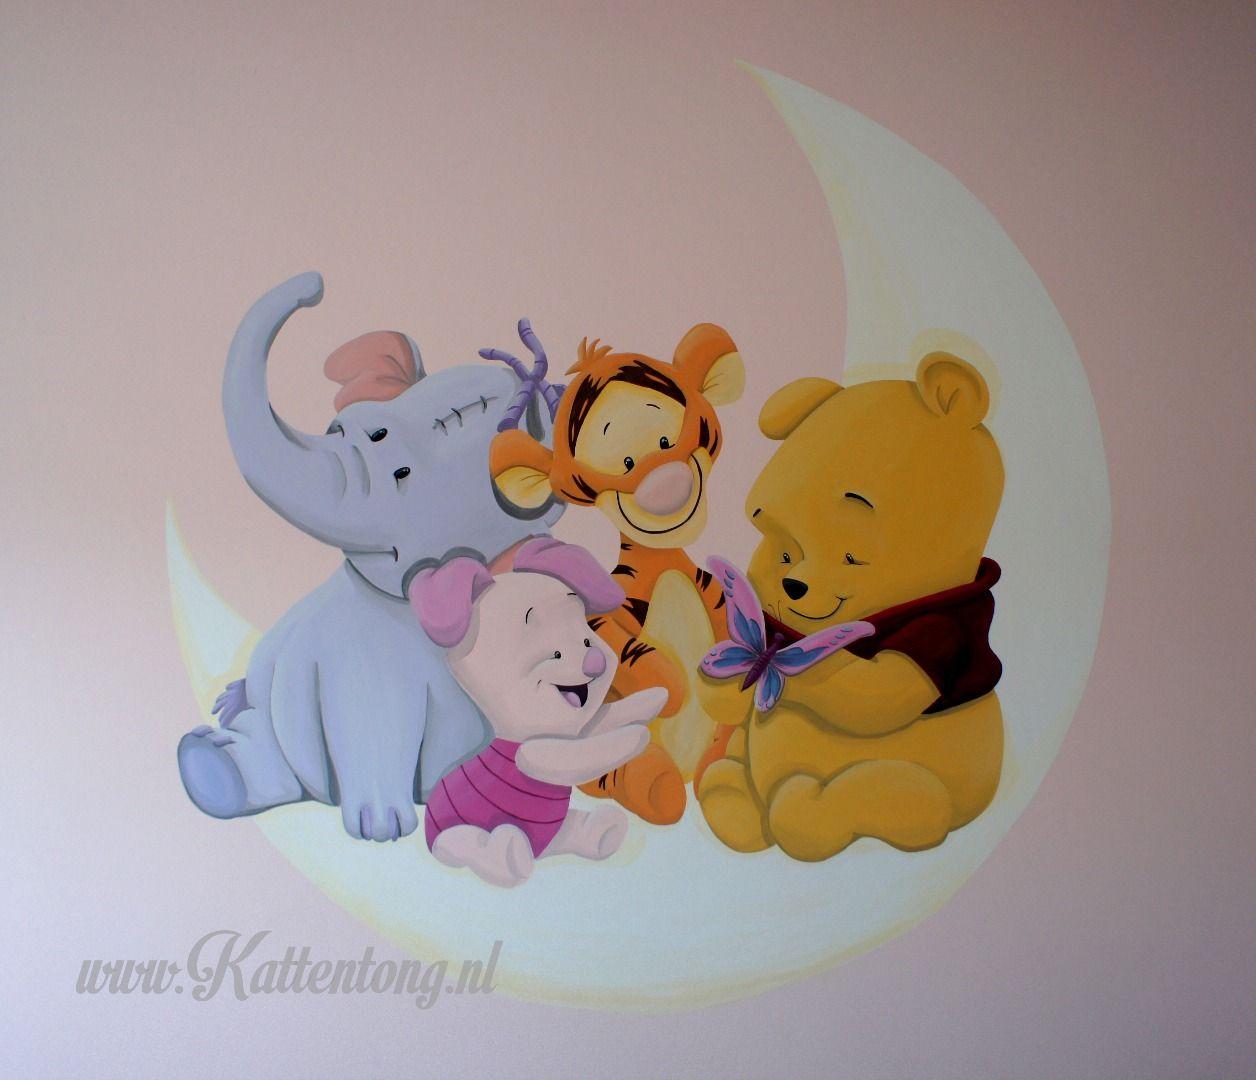 Winnie the pooh muurschildering door kattentong - Winnie pooh babyzimmer ...